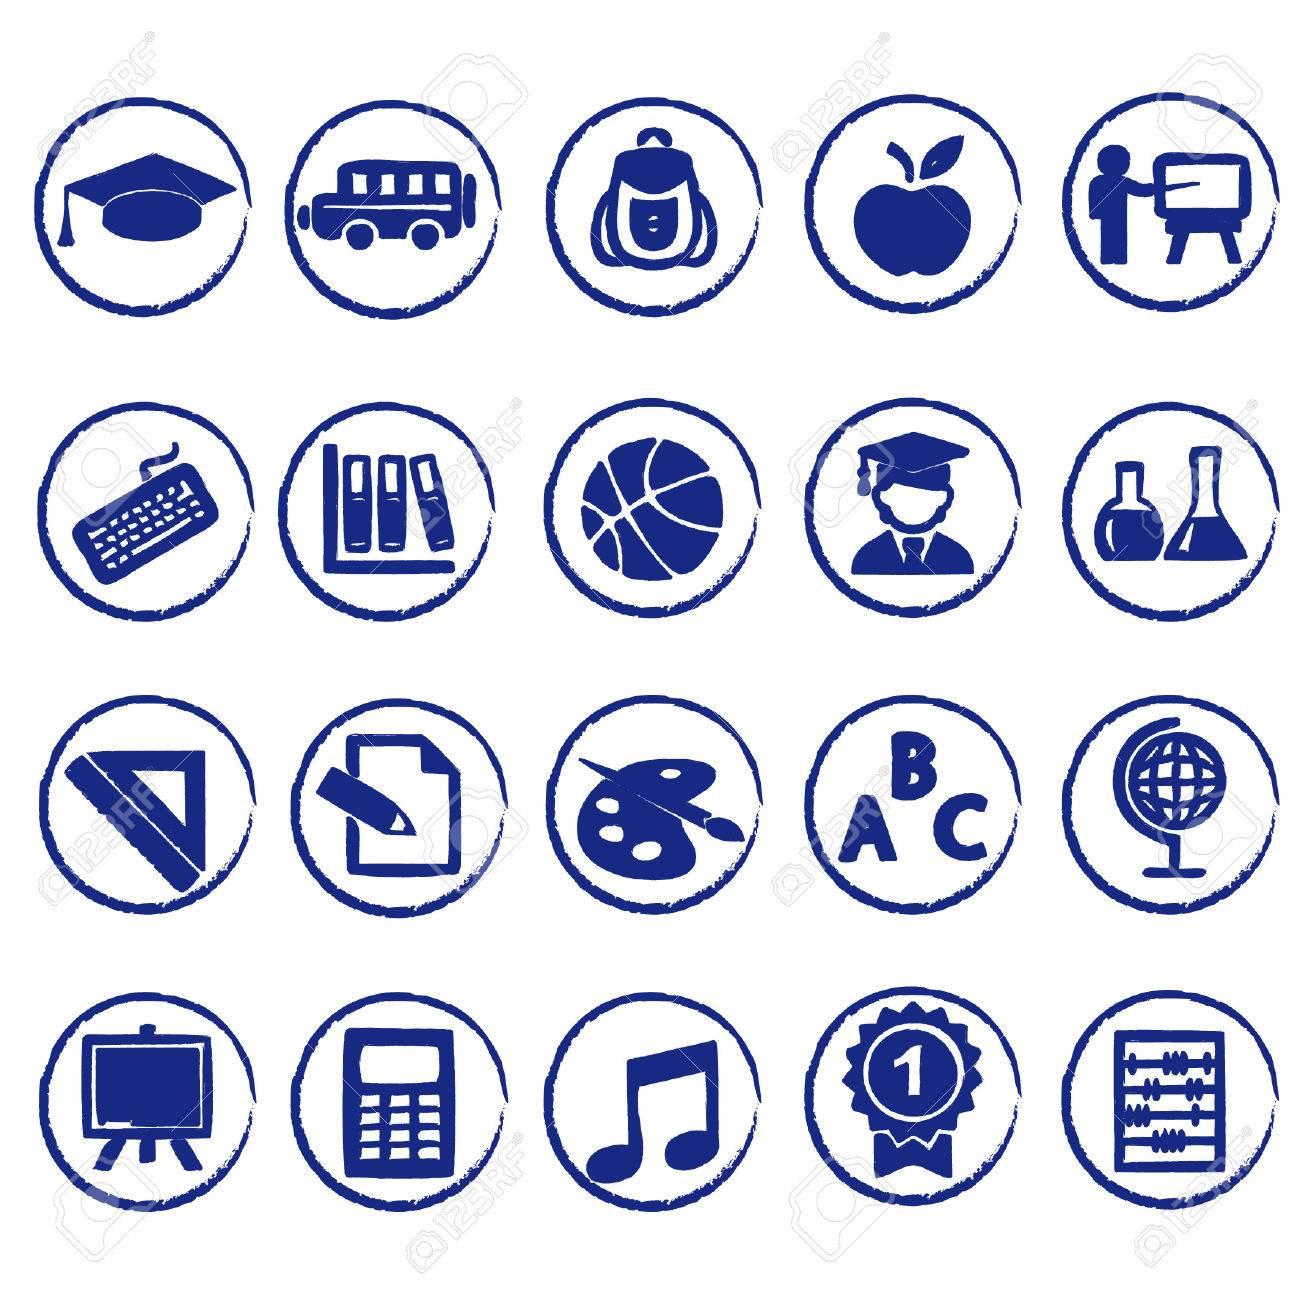 school icons - 37545313